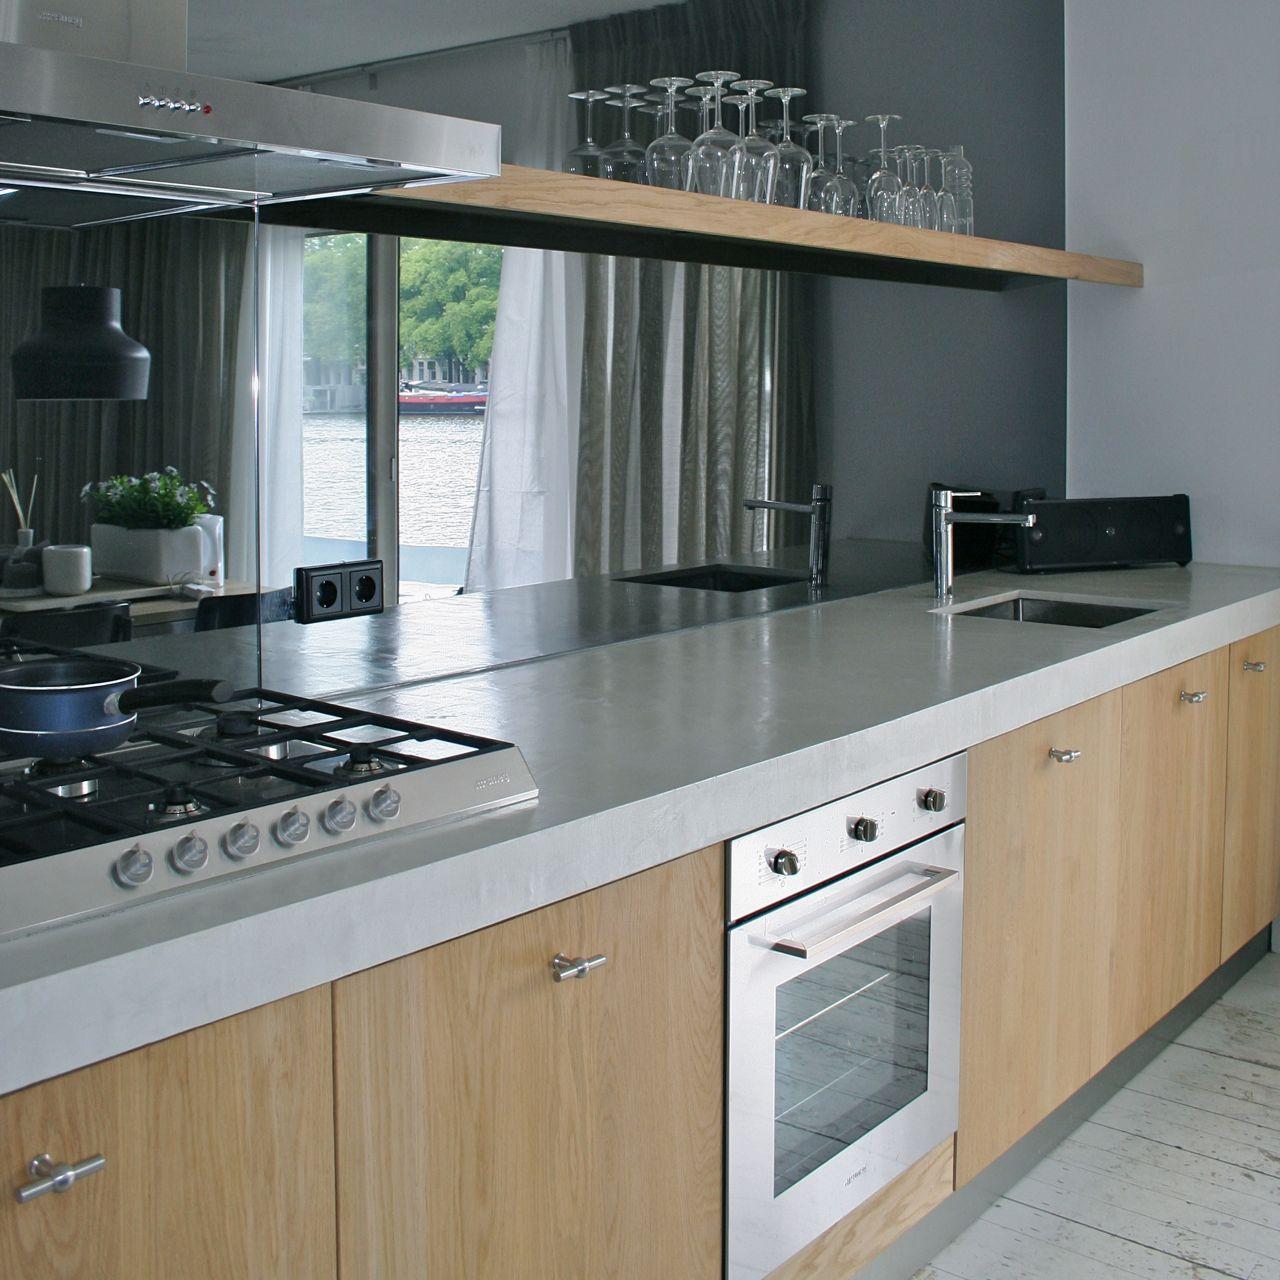 Keuken Ikea Kind : IKEA Keuken